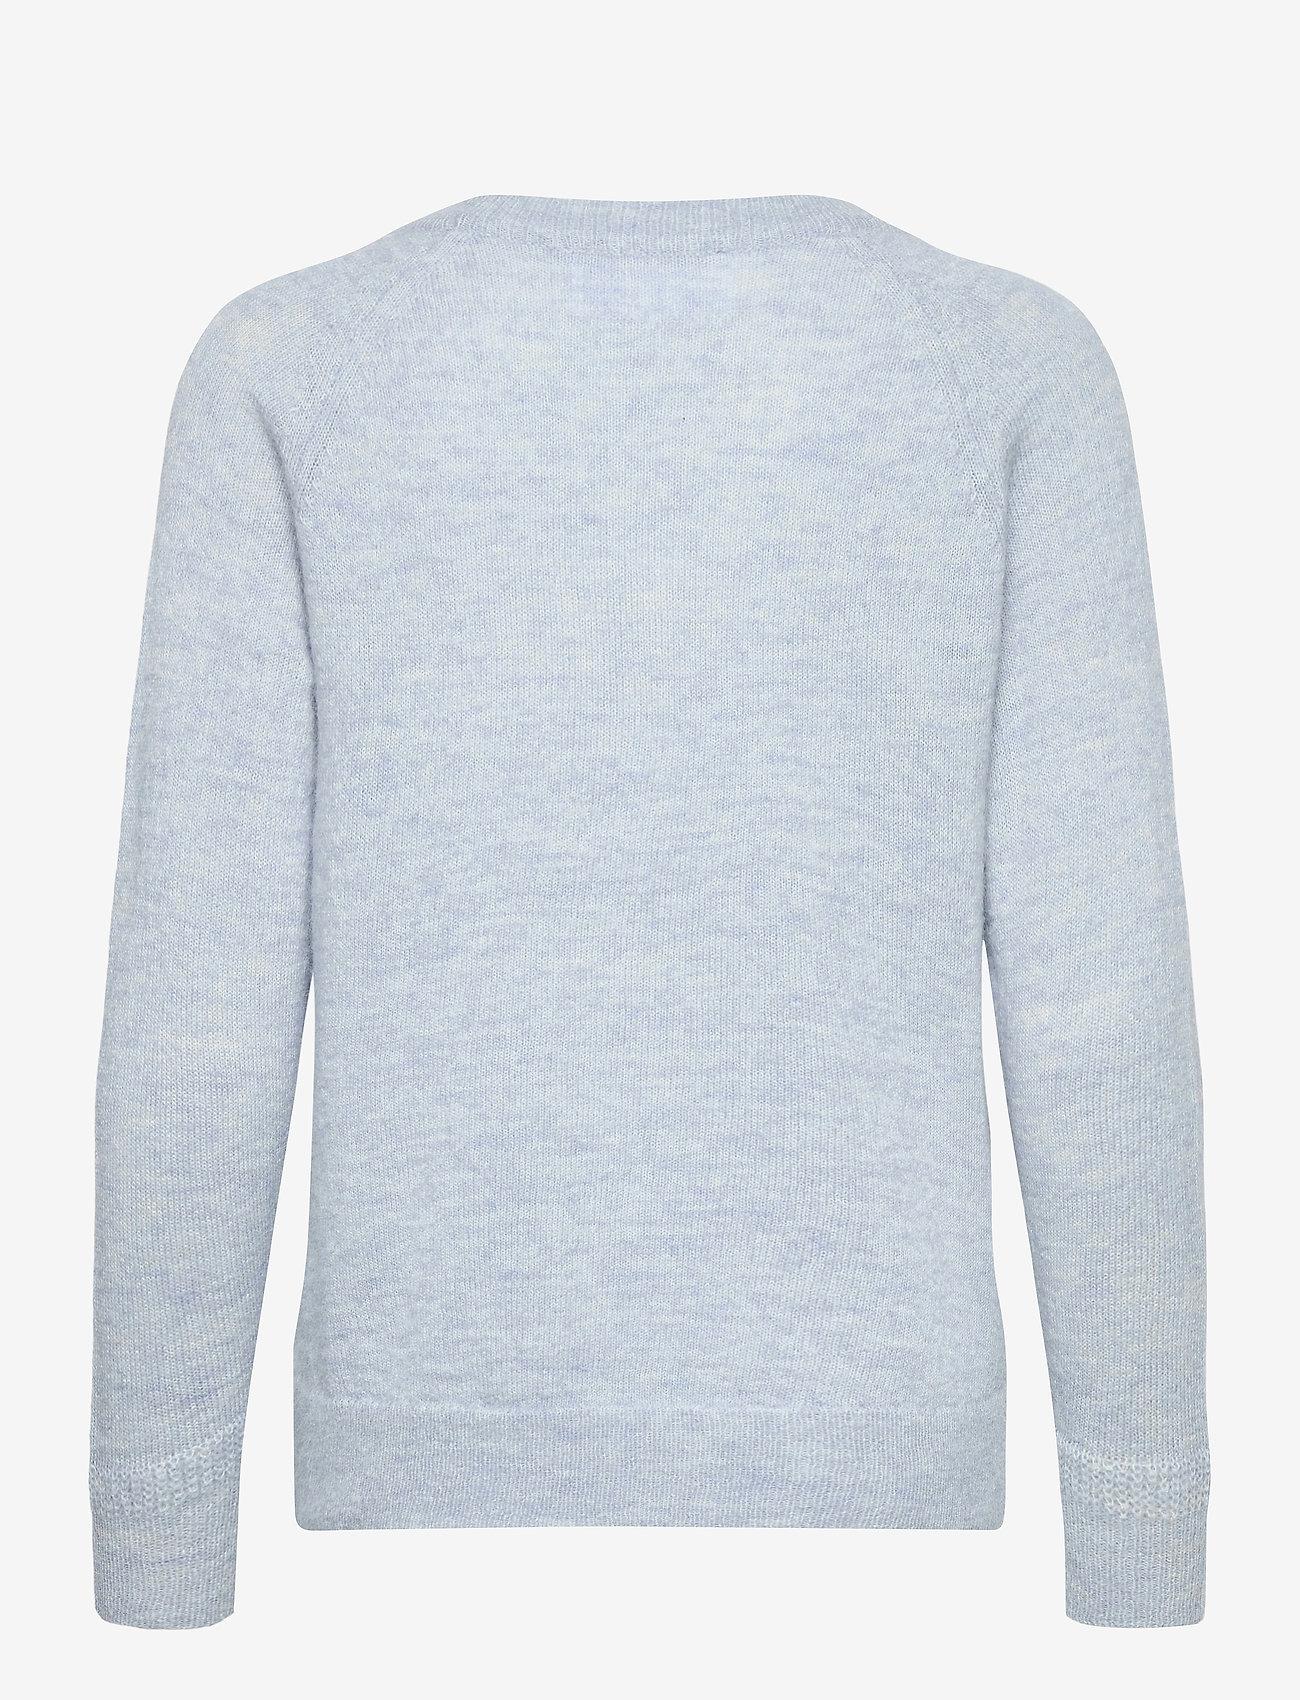 Selected Femme - SLFLULU LS KNIT O-NECK - tröjor - cashmere blue - 1